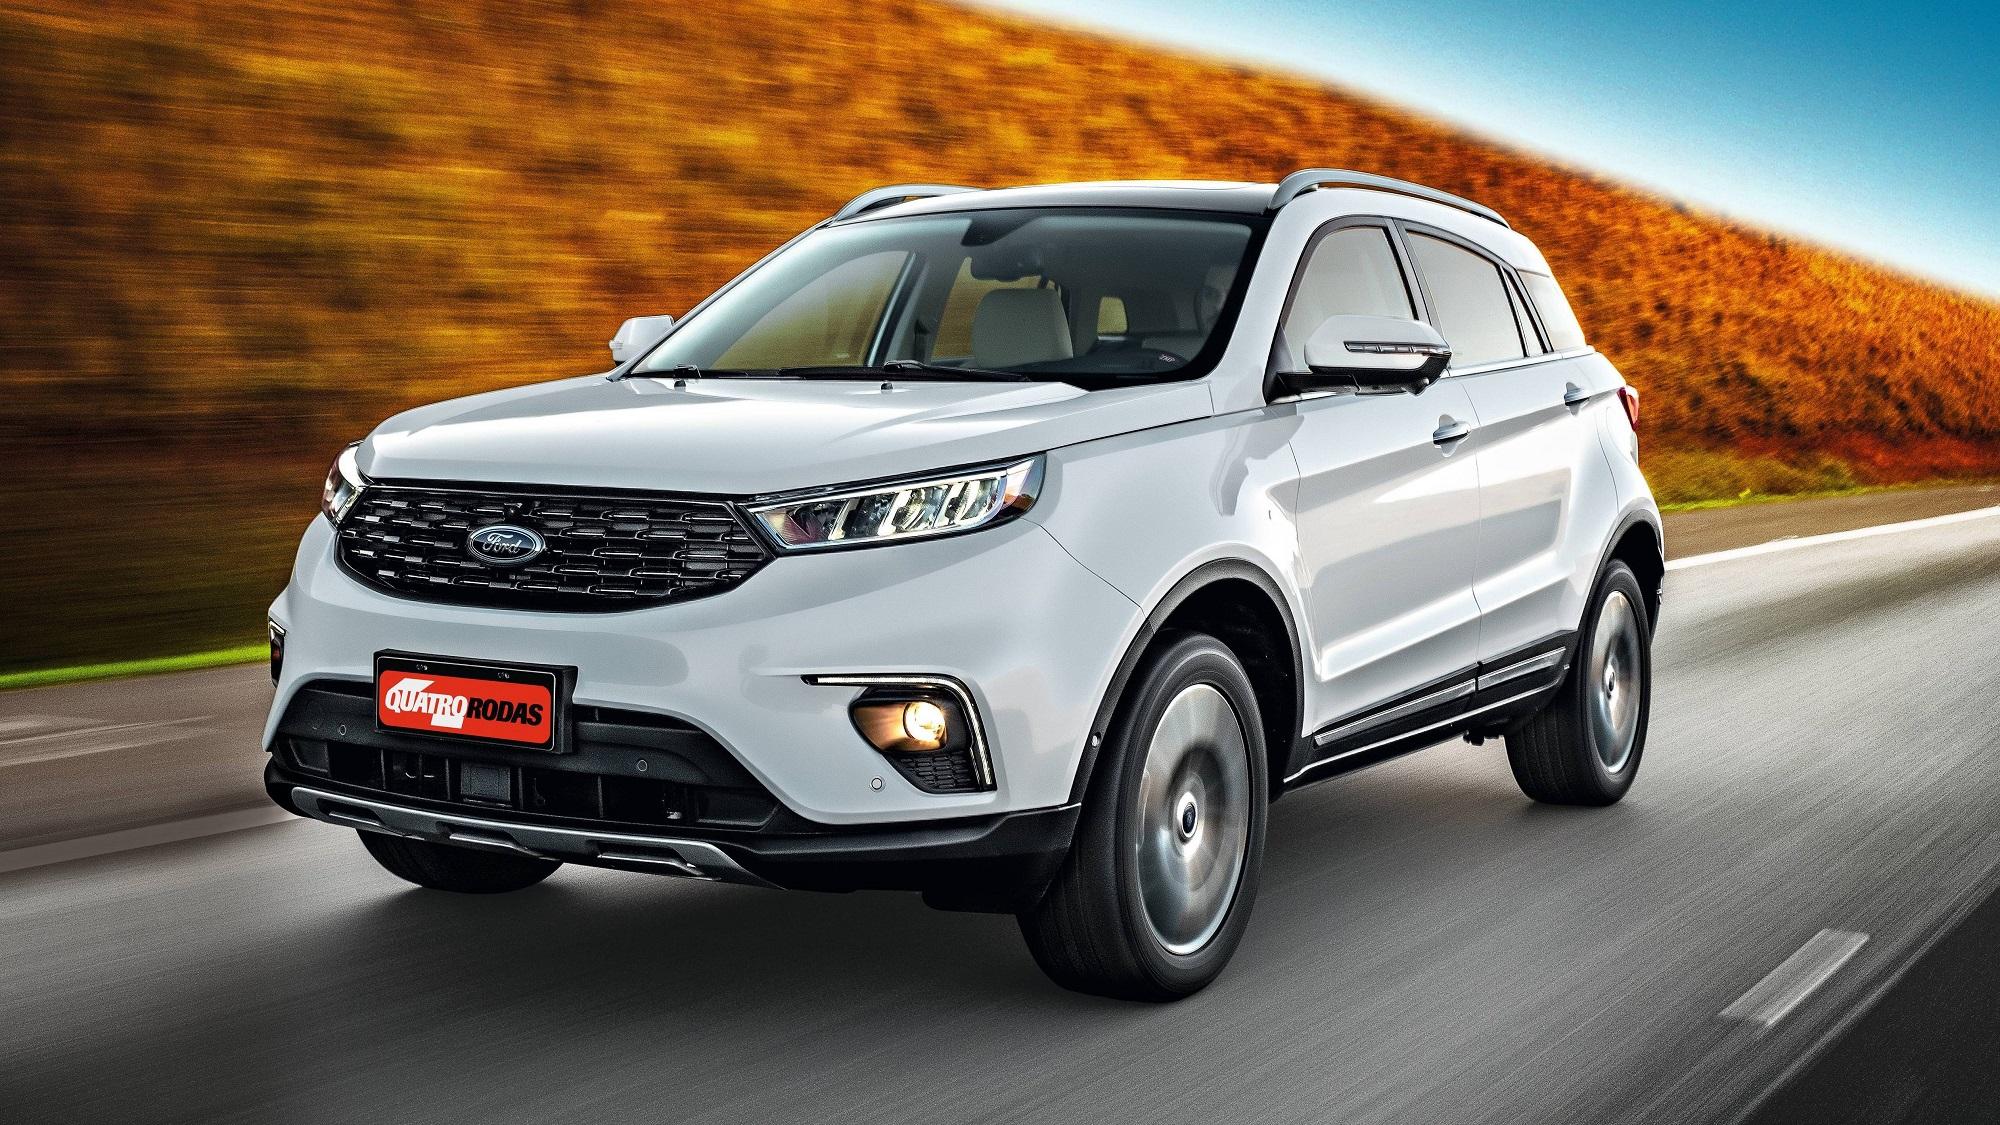 Ford Territory recebeu elogios pelo que oferece, mas segue lutando para atingir preço competitivo